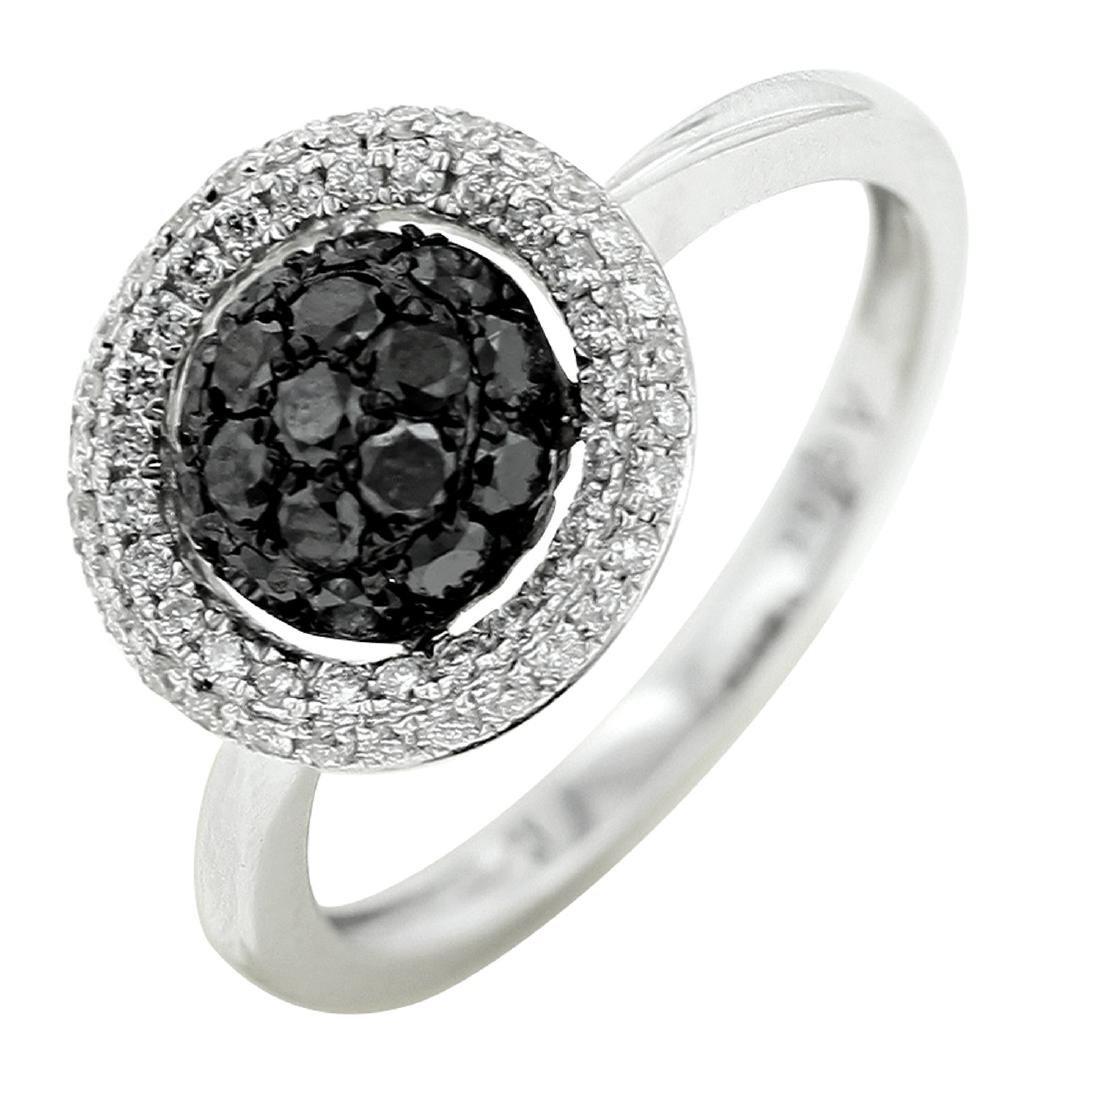 18k White Gold Women's Diamond Ring